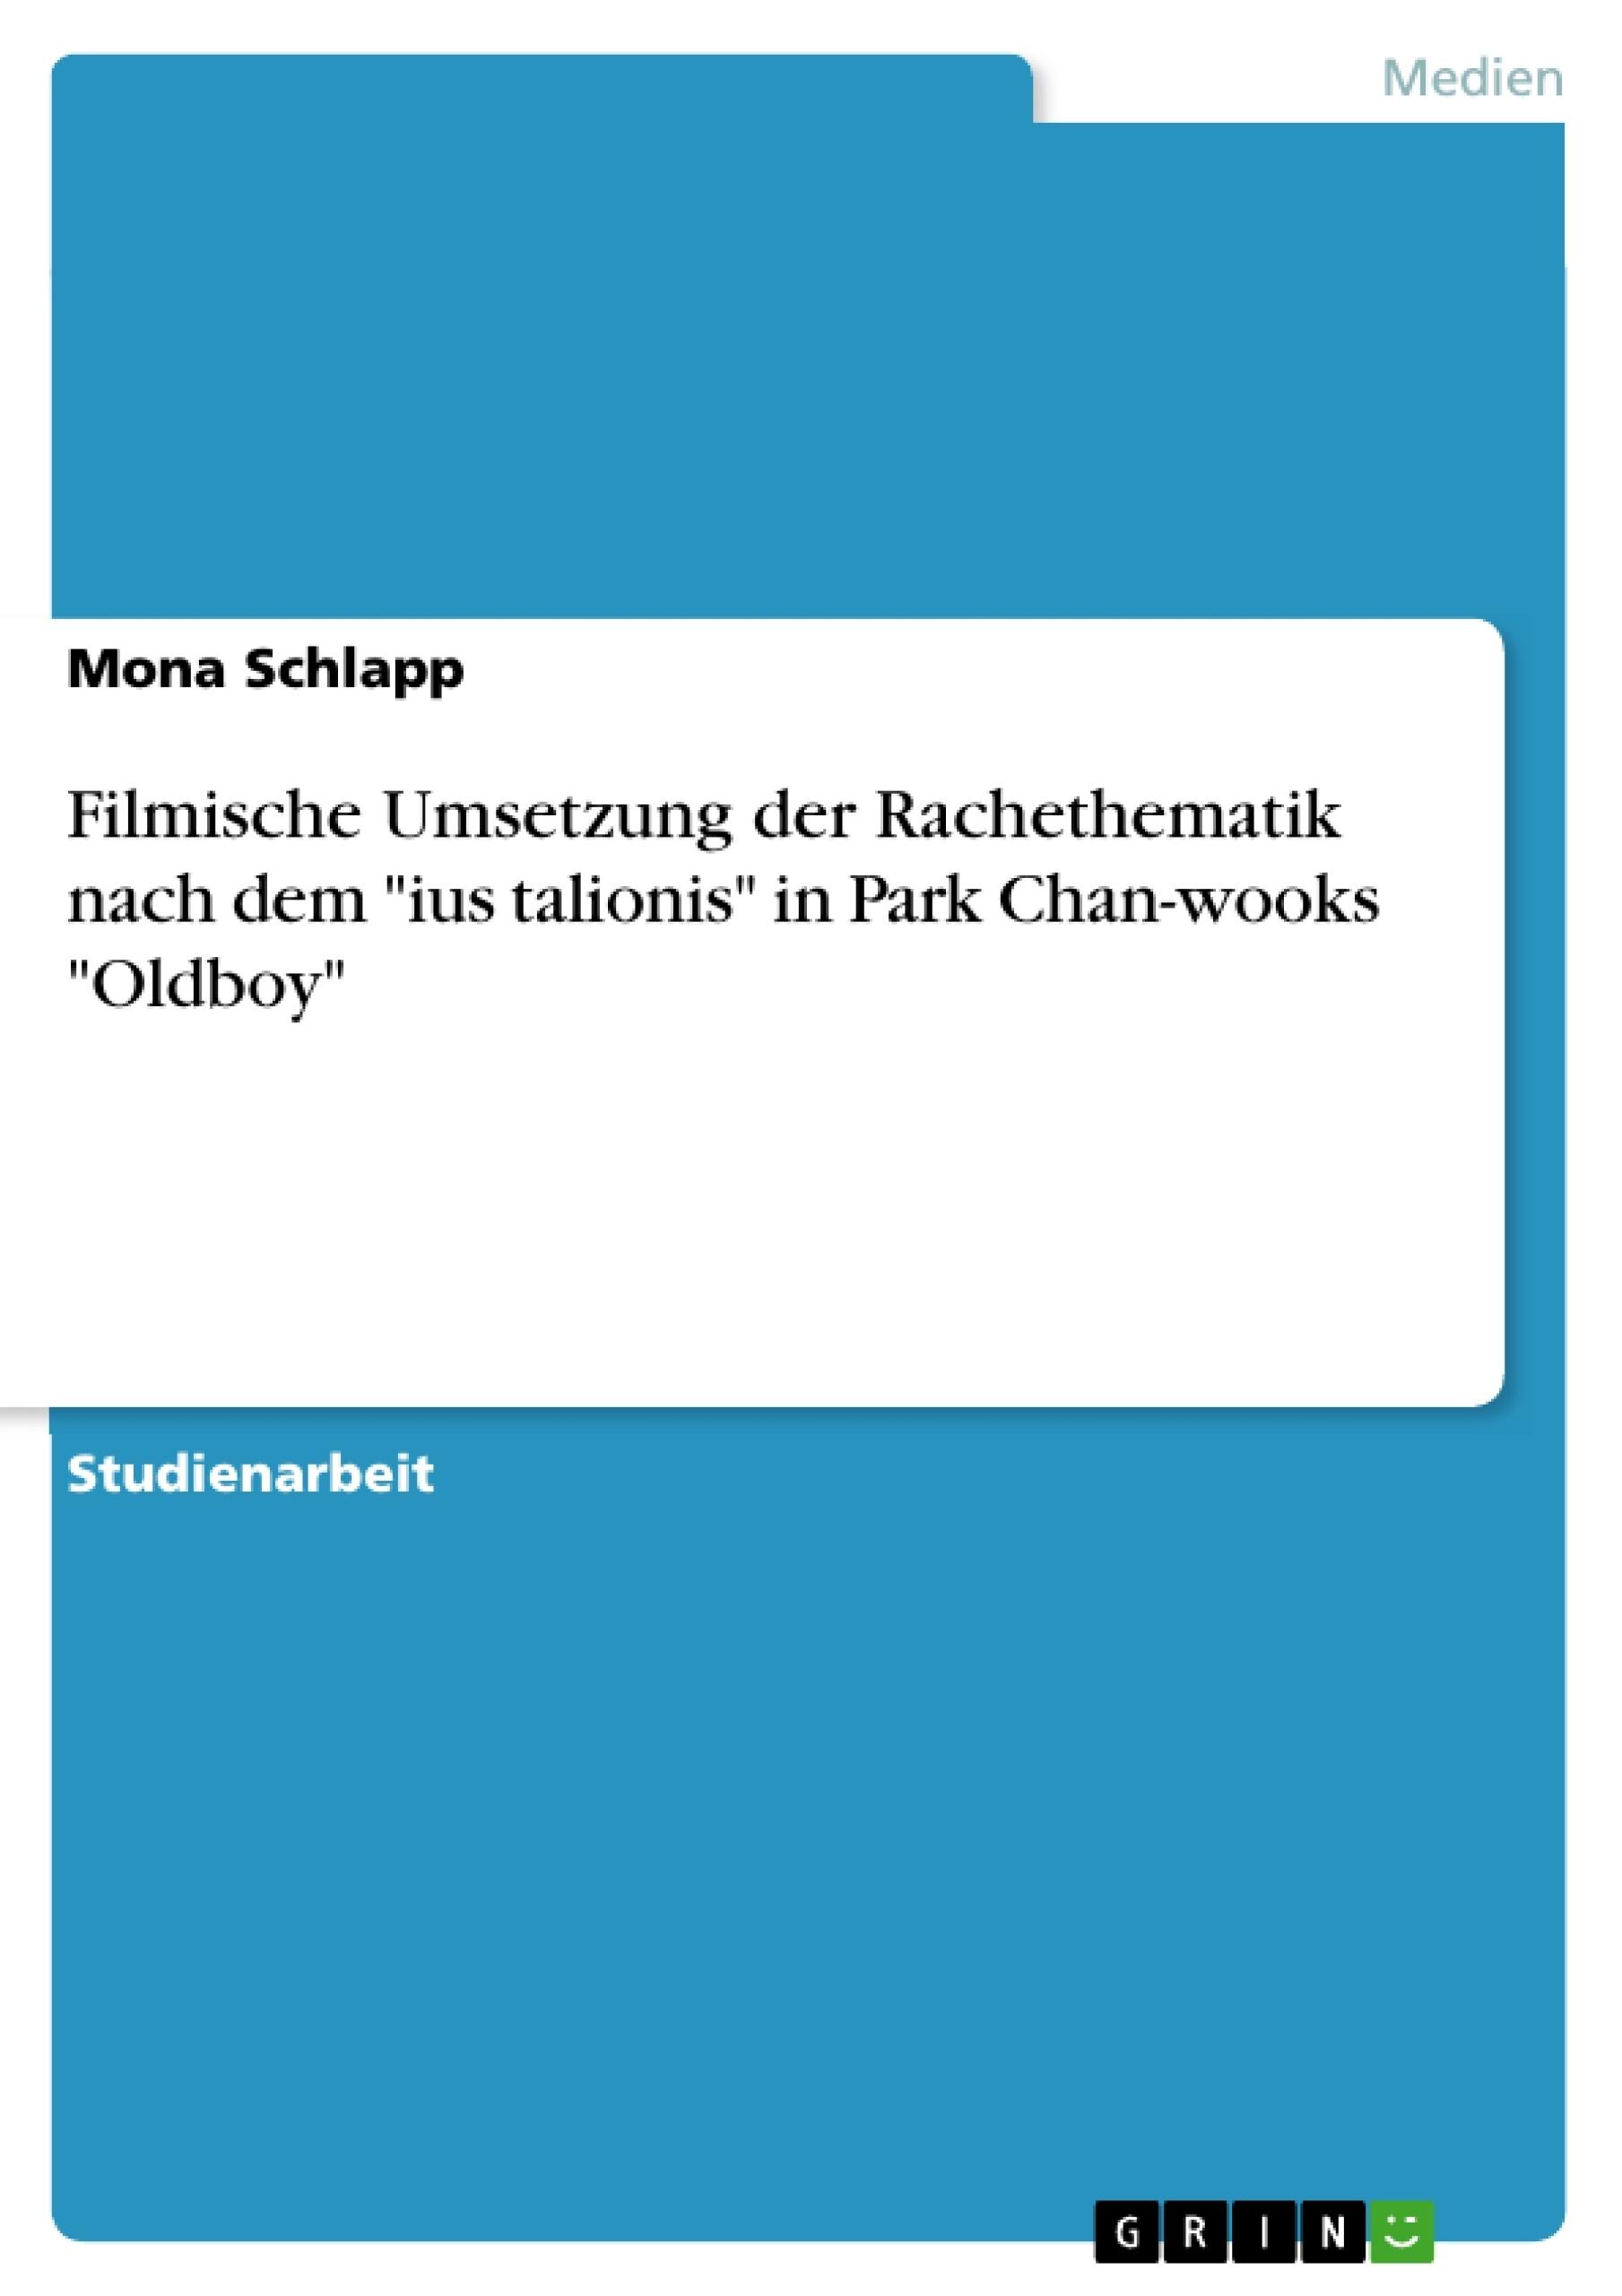 """Titel: Filmische Umsetzung der Rachethematik nach dem """"ius talionis"""" in Park Chan-wooks """"Oldboy"""""""